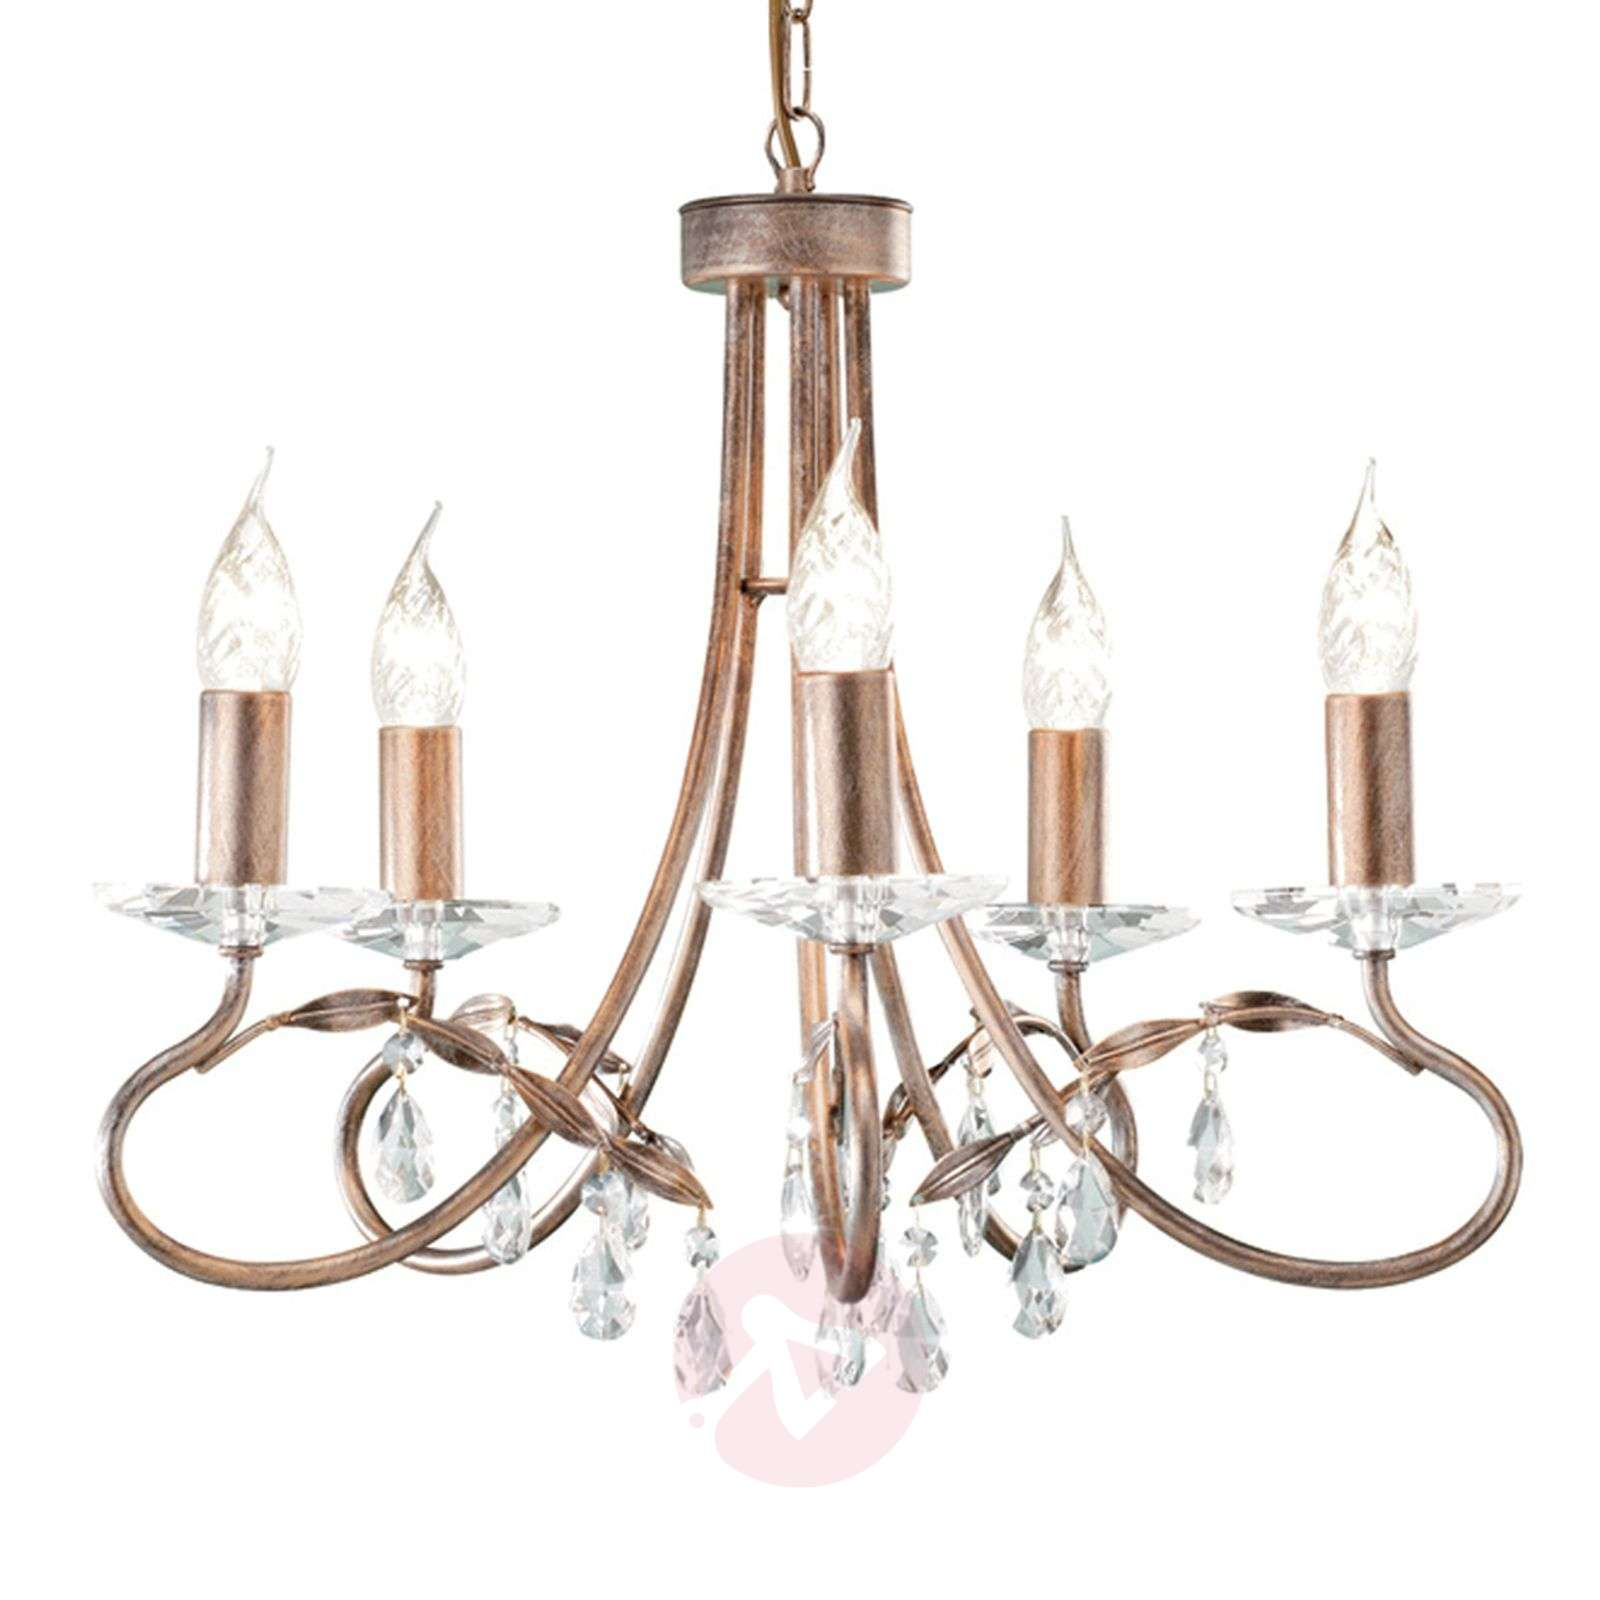 CHRISTINA-kattokruunu, hopeaa ja kultaa, 5 lamppua-3048001-01